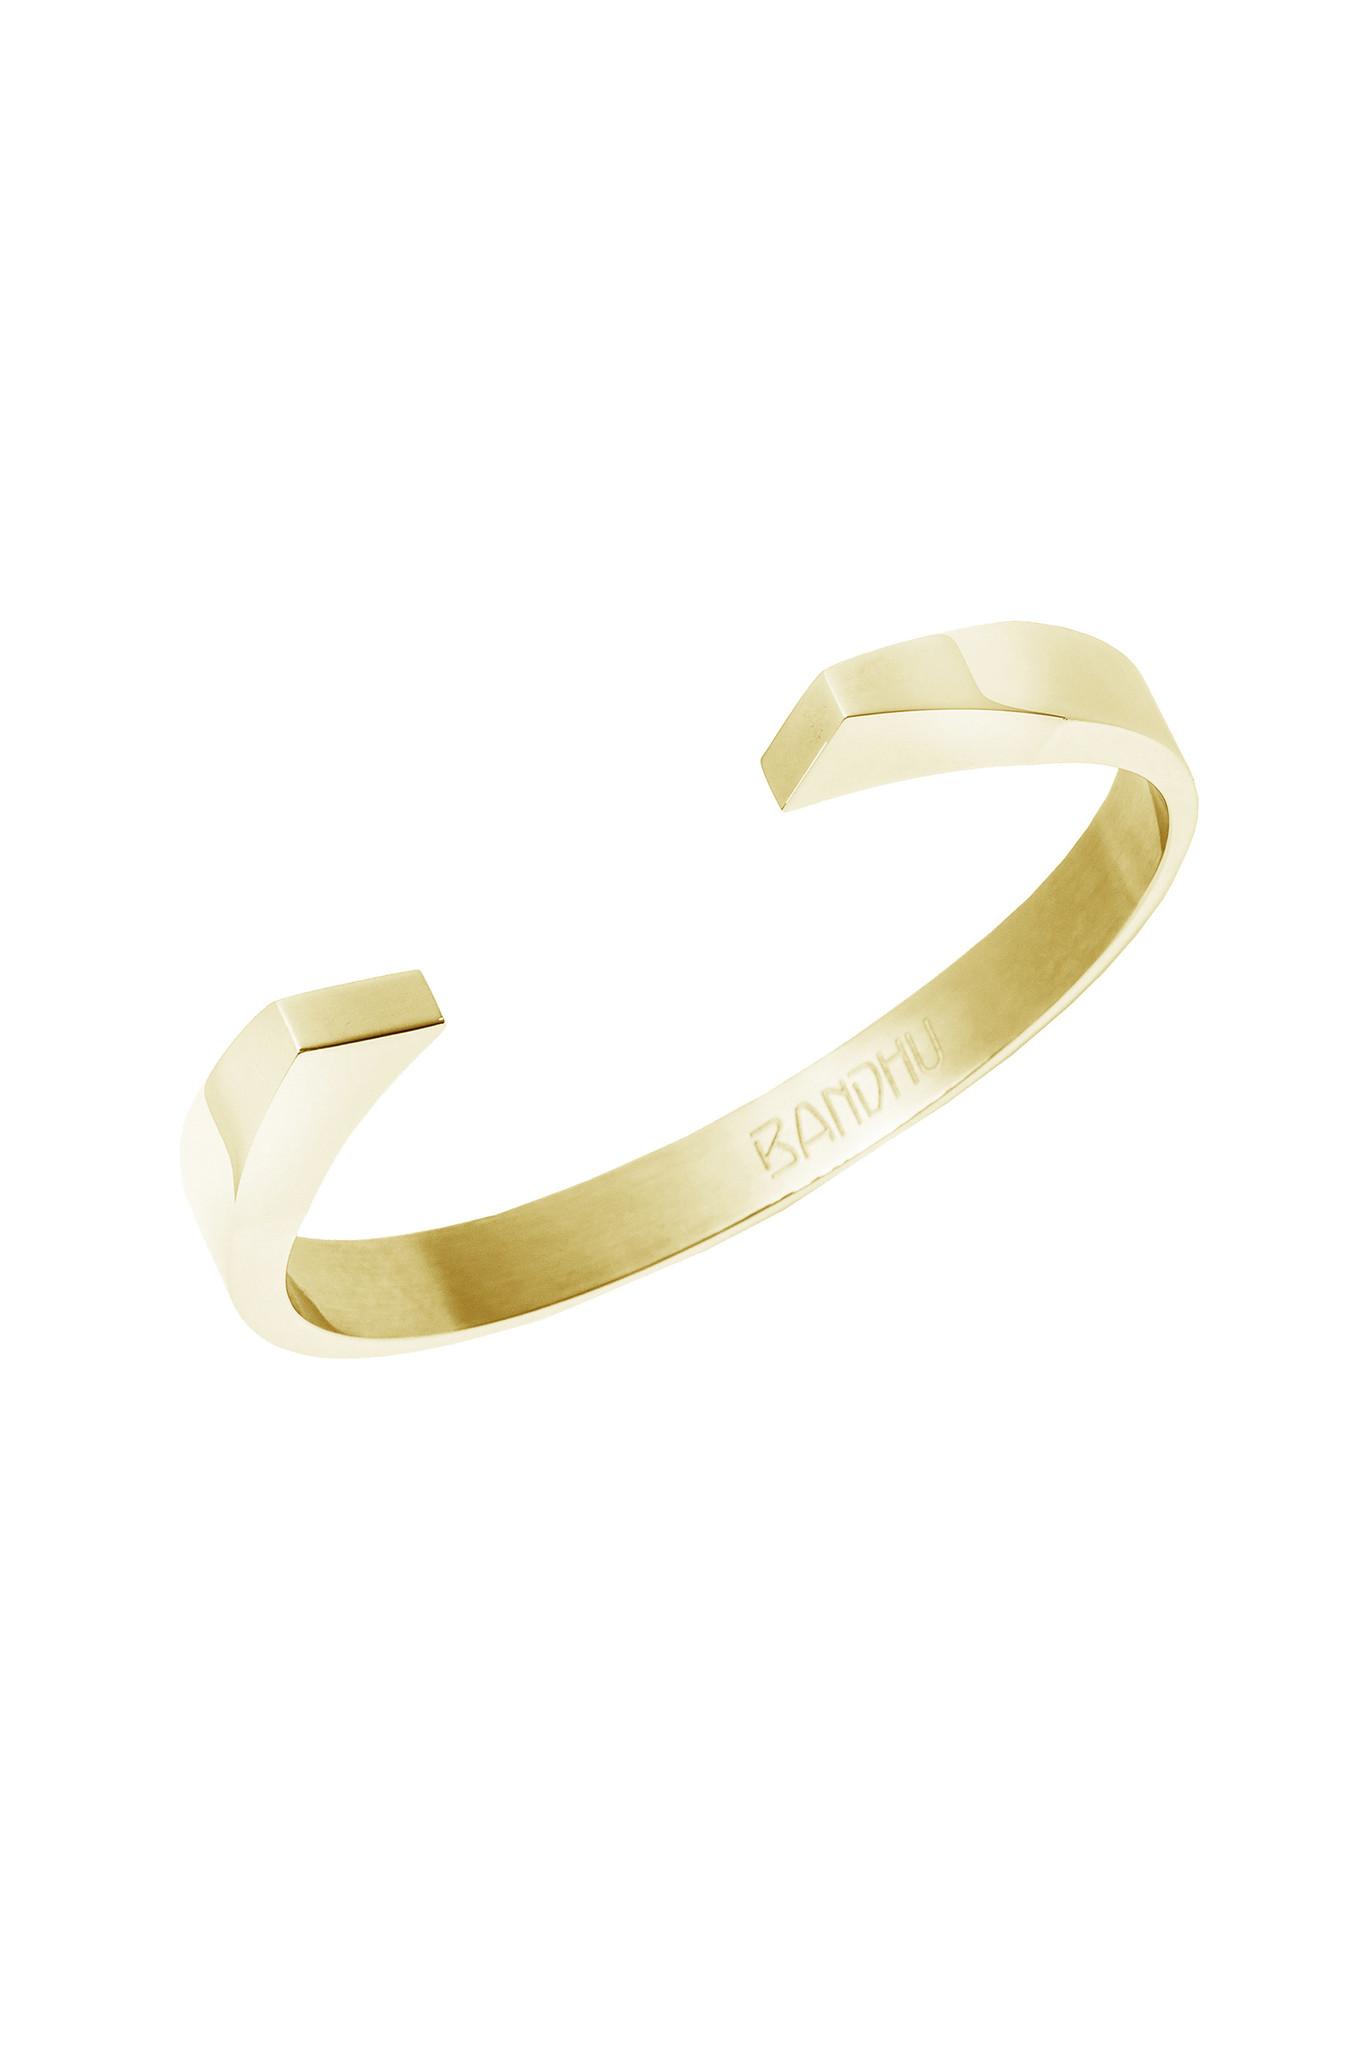 Vinyasa Bracelet - Gold-1